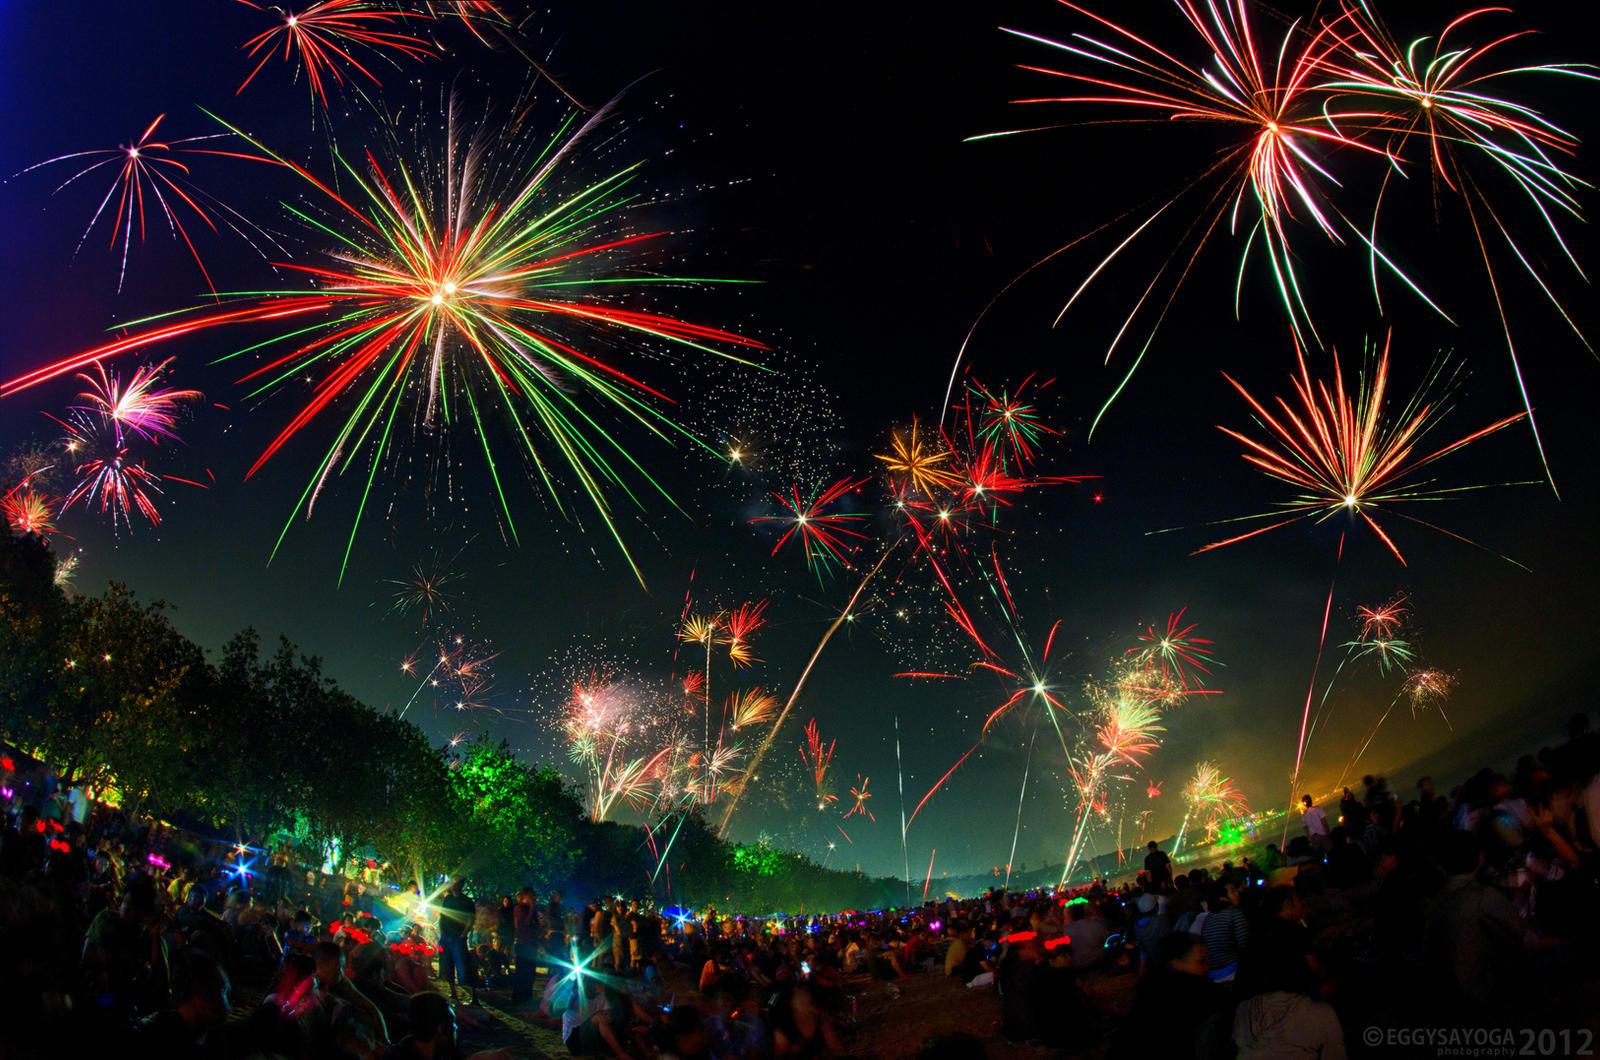 Kuta 2012 New Year Fireworks